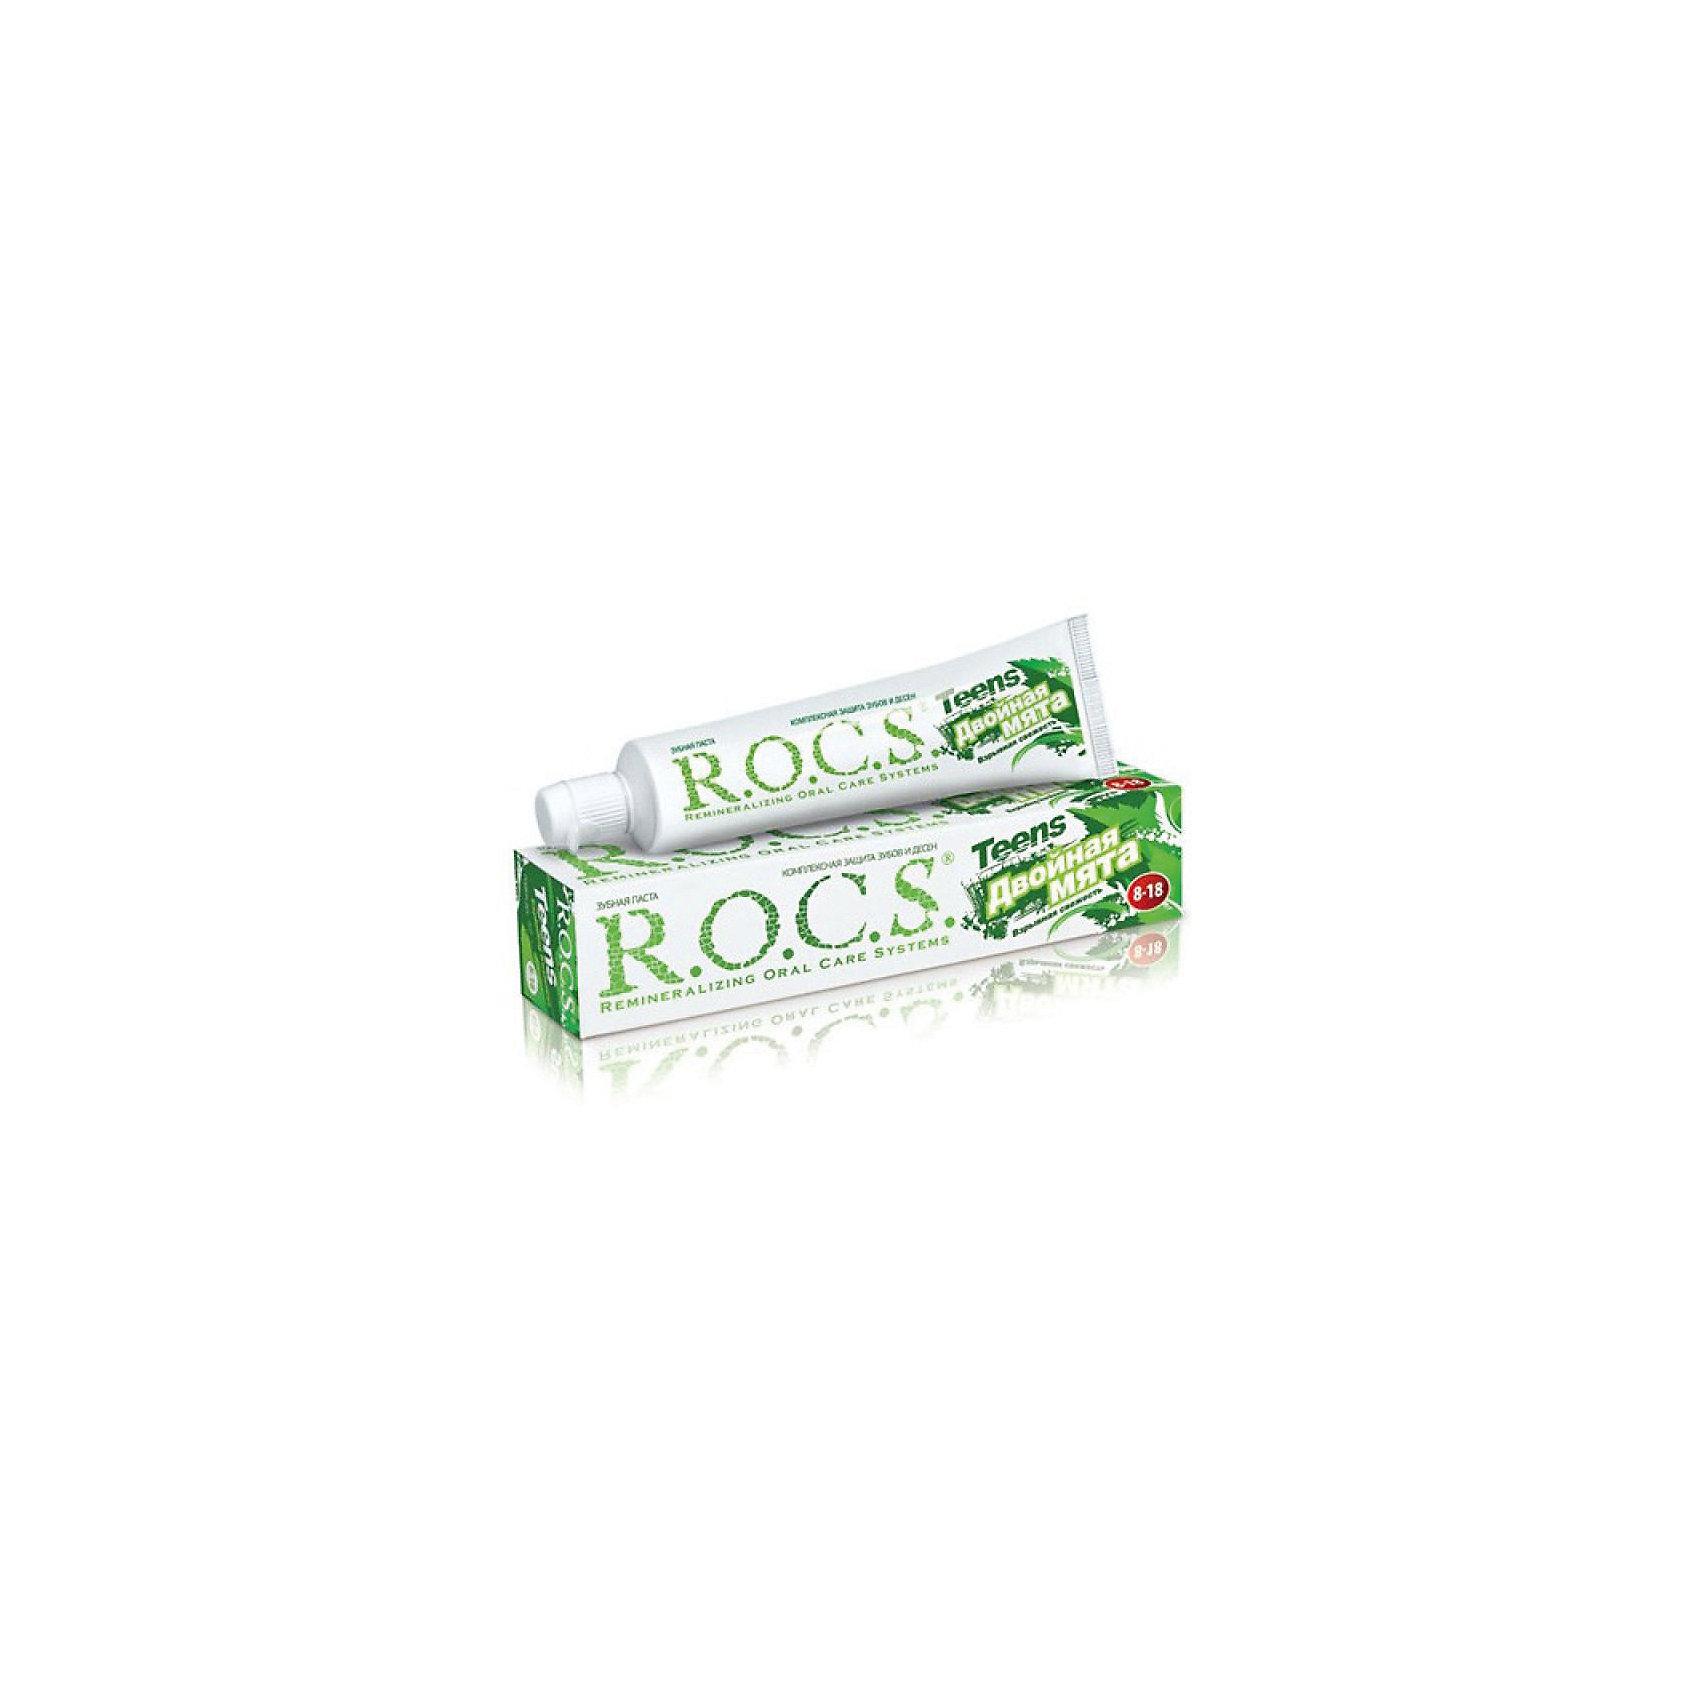 R.O.C.S. Зубная паста для подростков Teens (8-18 лет) Двойная мята, взрывная свежесть, 74гр., ROCS rocs зубная паста teens аромат знойного лета земляника 74 г